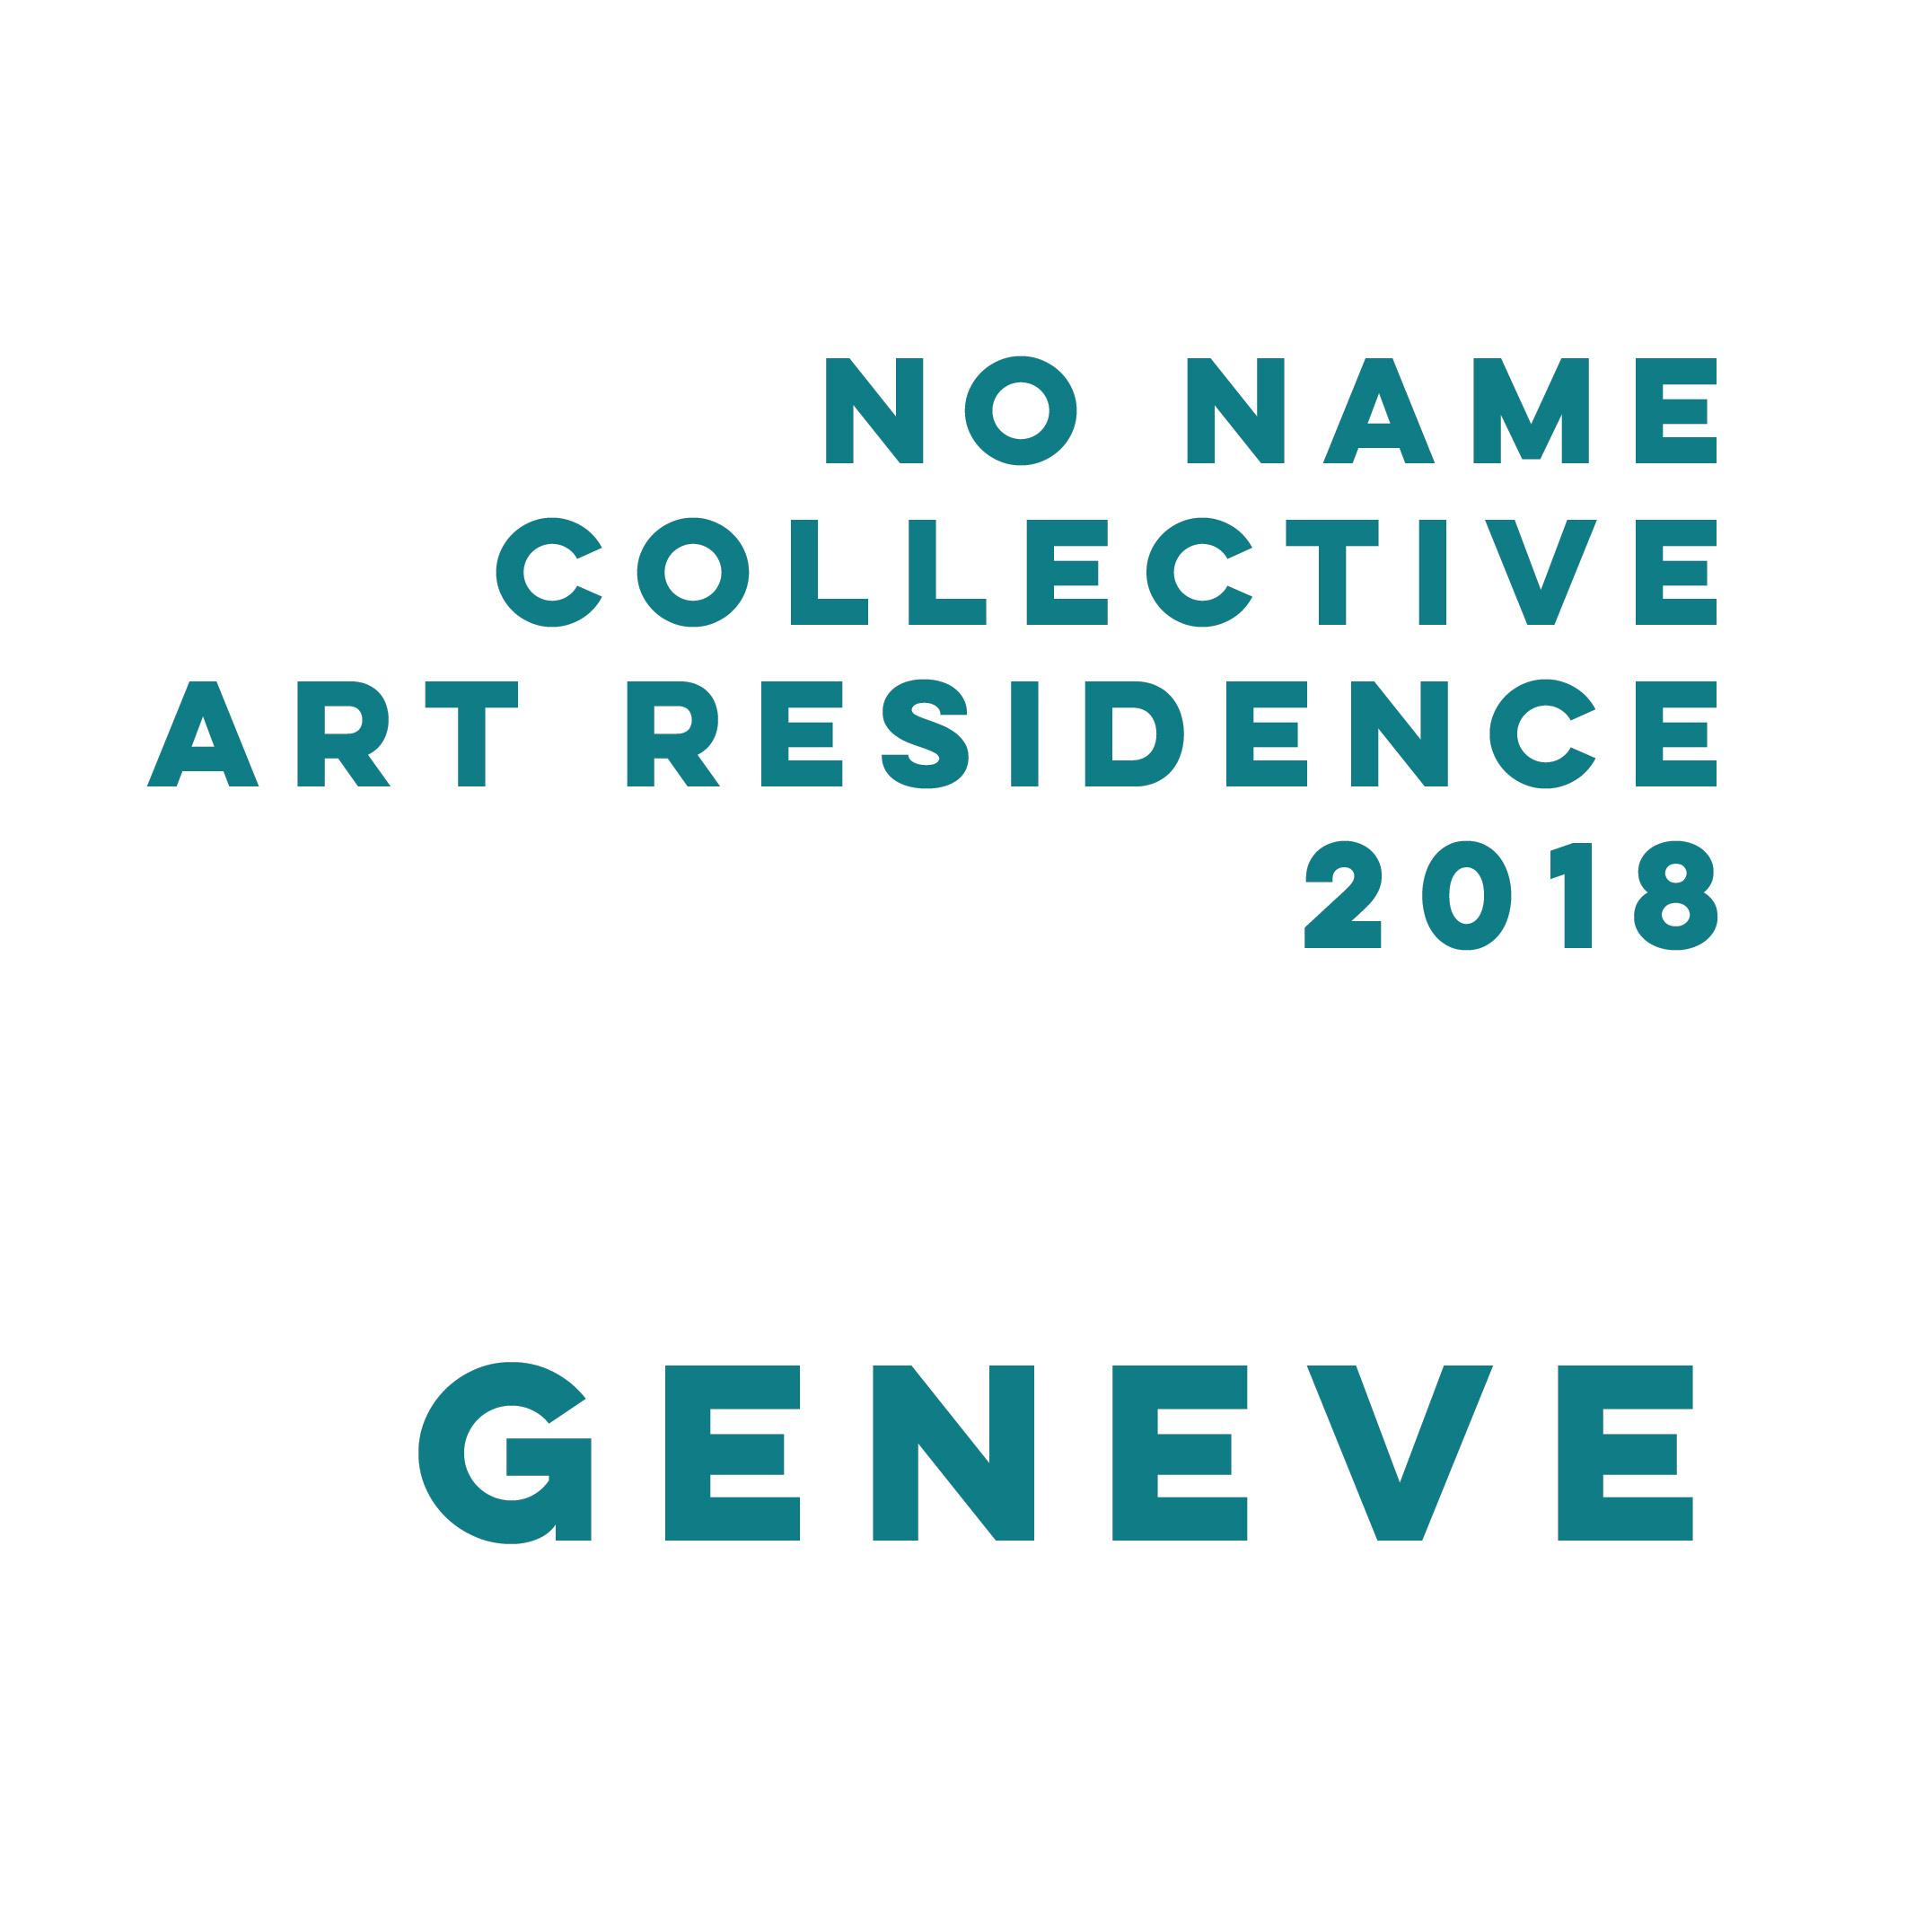 ART RESIDENCE GENEVA